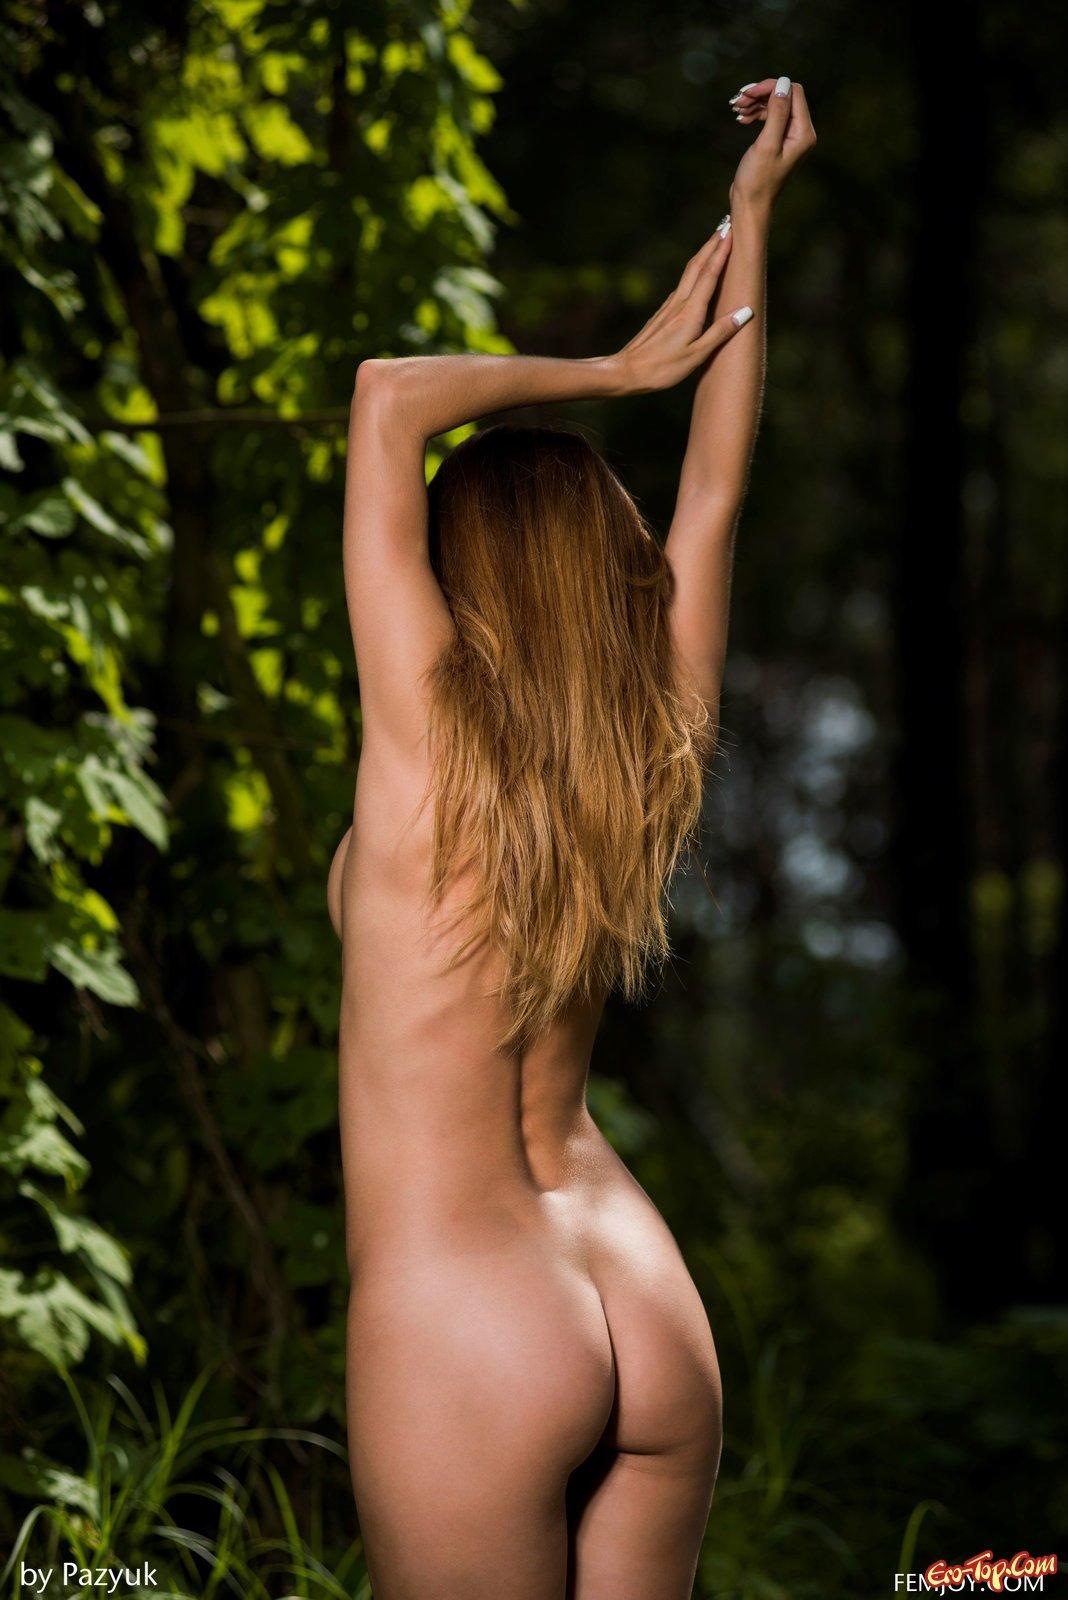 Страстная баба сняла трусы сидя на пуфе в лесу